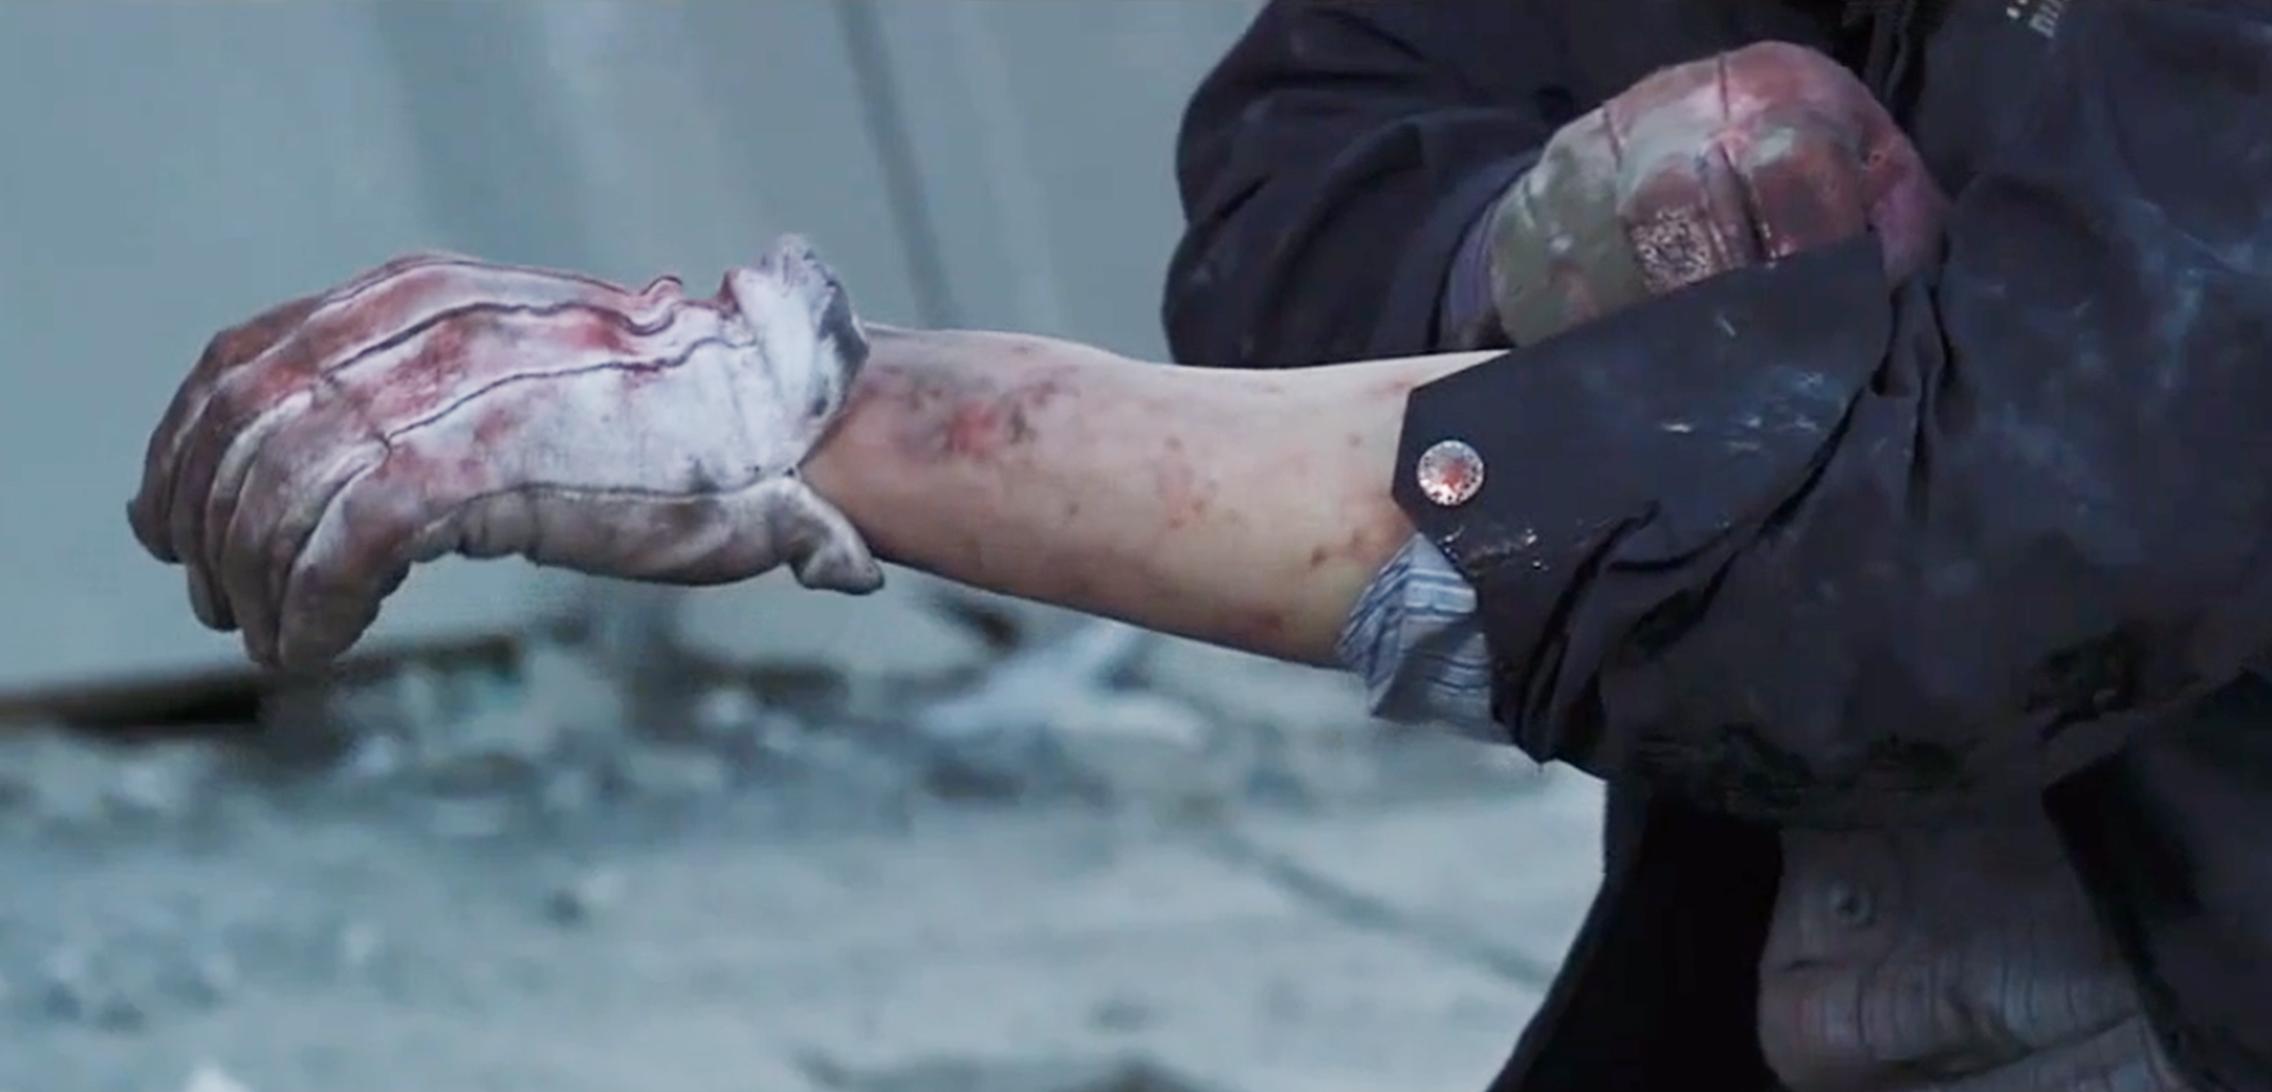 男子翻开袖子,看清手臂的情况,坐在地上大哭!